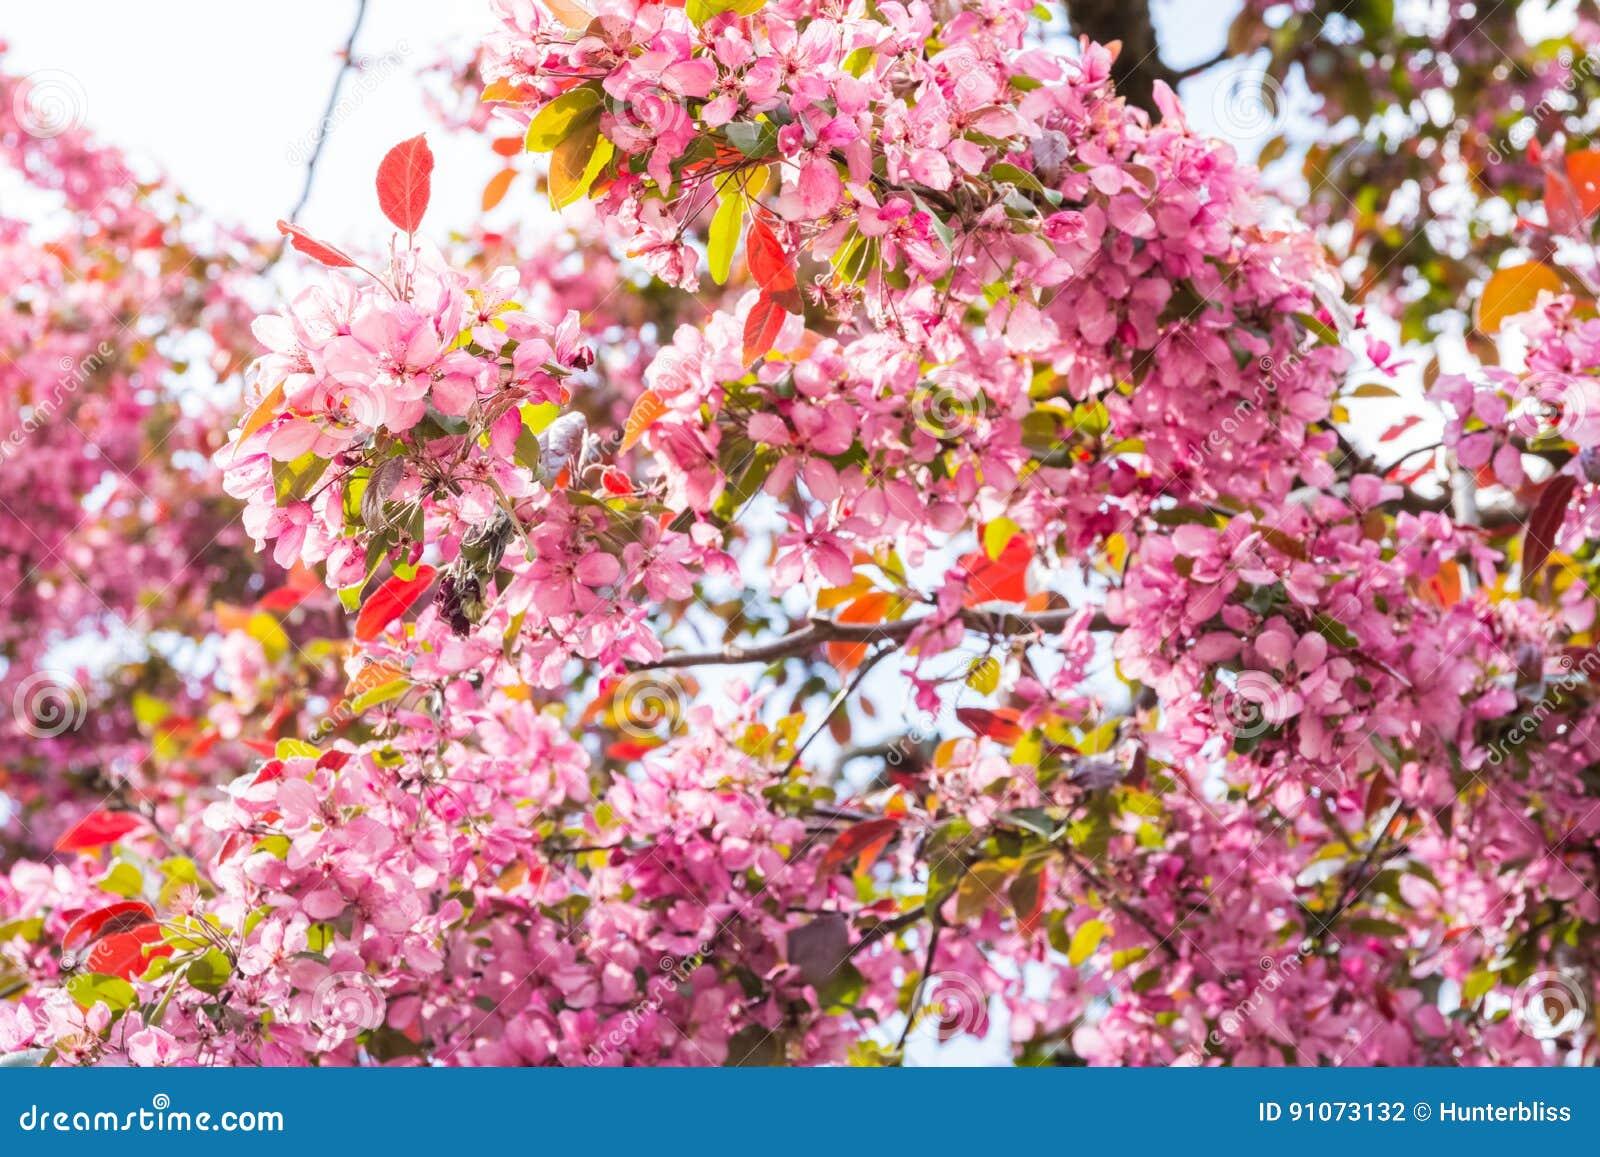 Helle Tagesrosa Blumen Bluhender Fruhling April Colorful Sun Fla